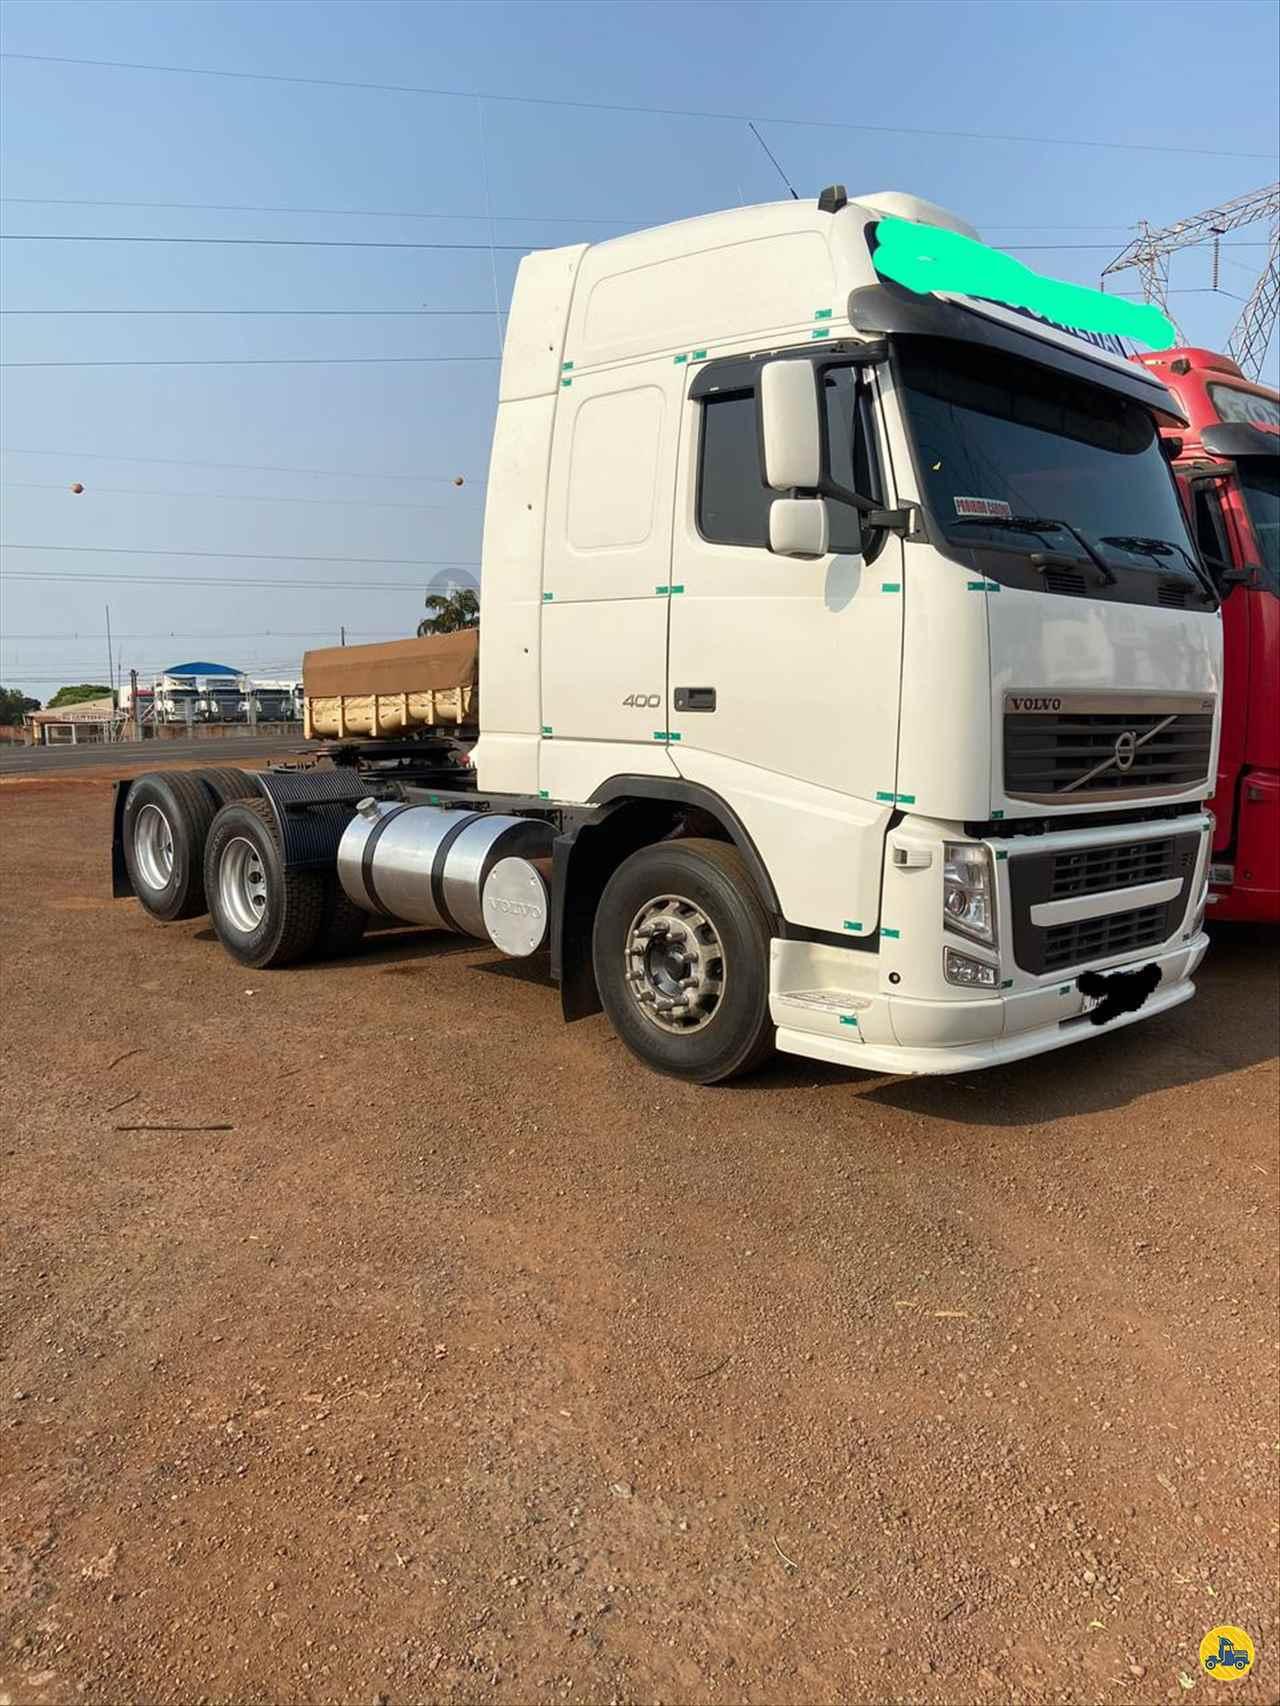 CAMINHAO VOLVO VOLVO FH 400 Cavalo Mecânico Truck 6x2 Ventania Caminhões MARINGA PARANÁ PR